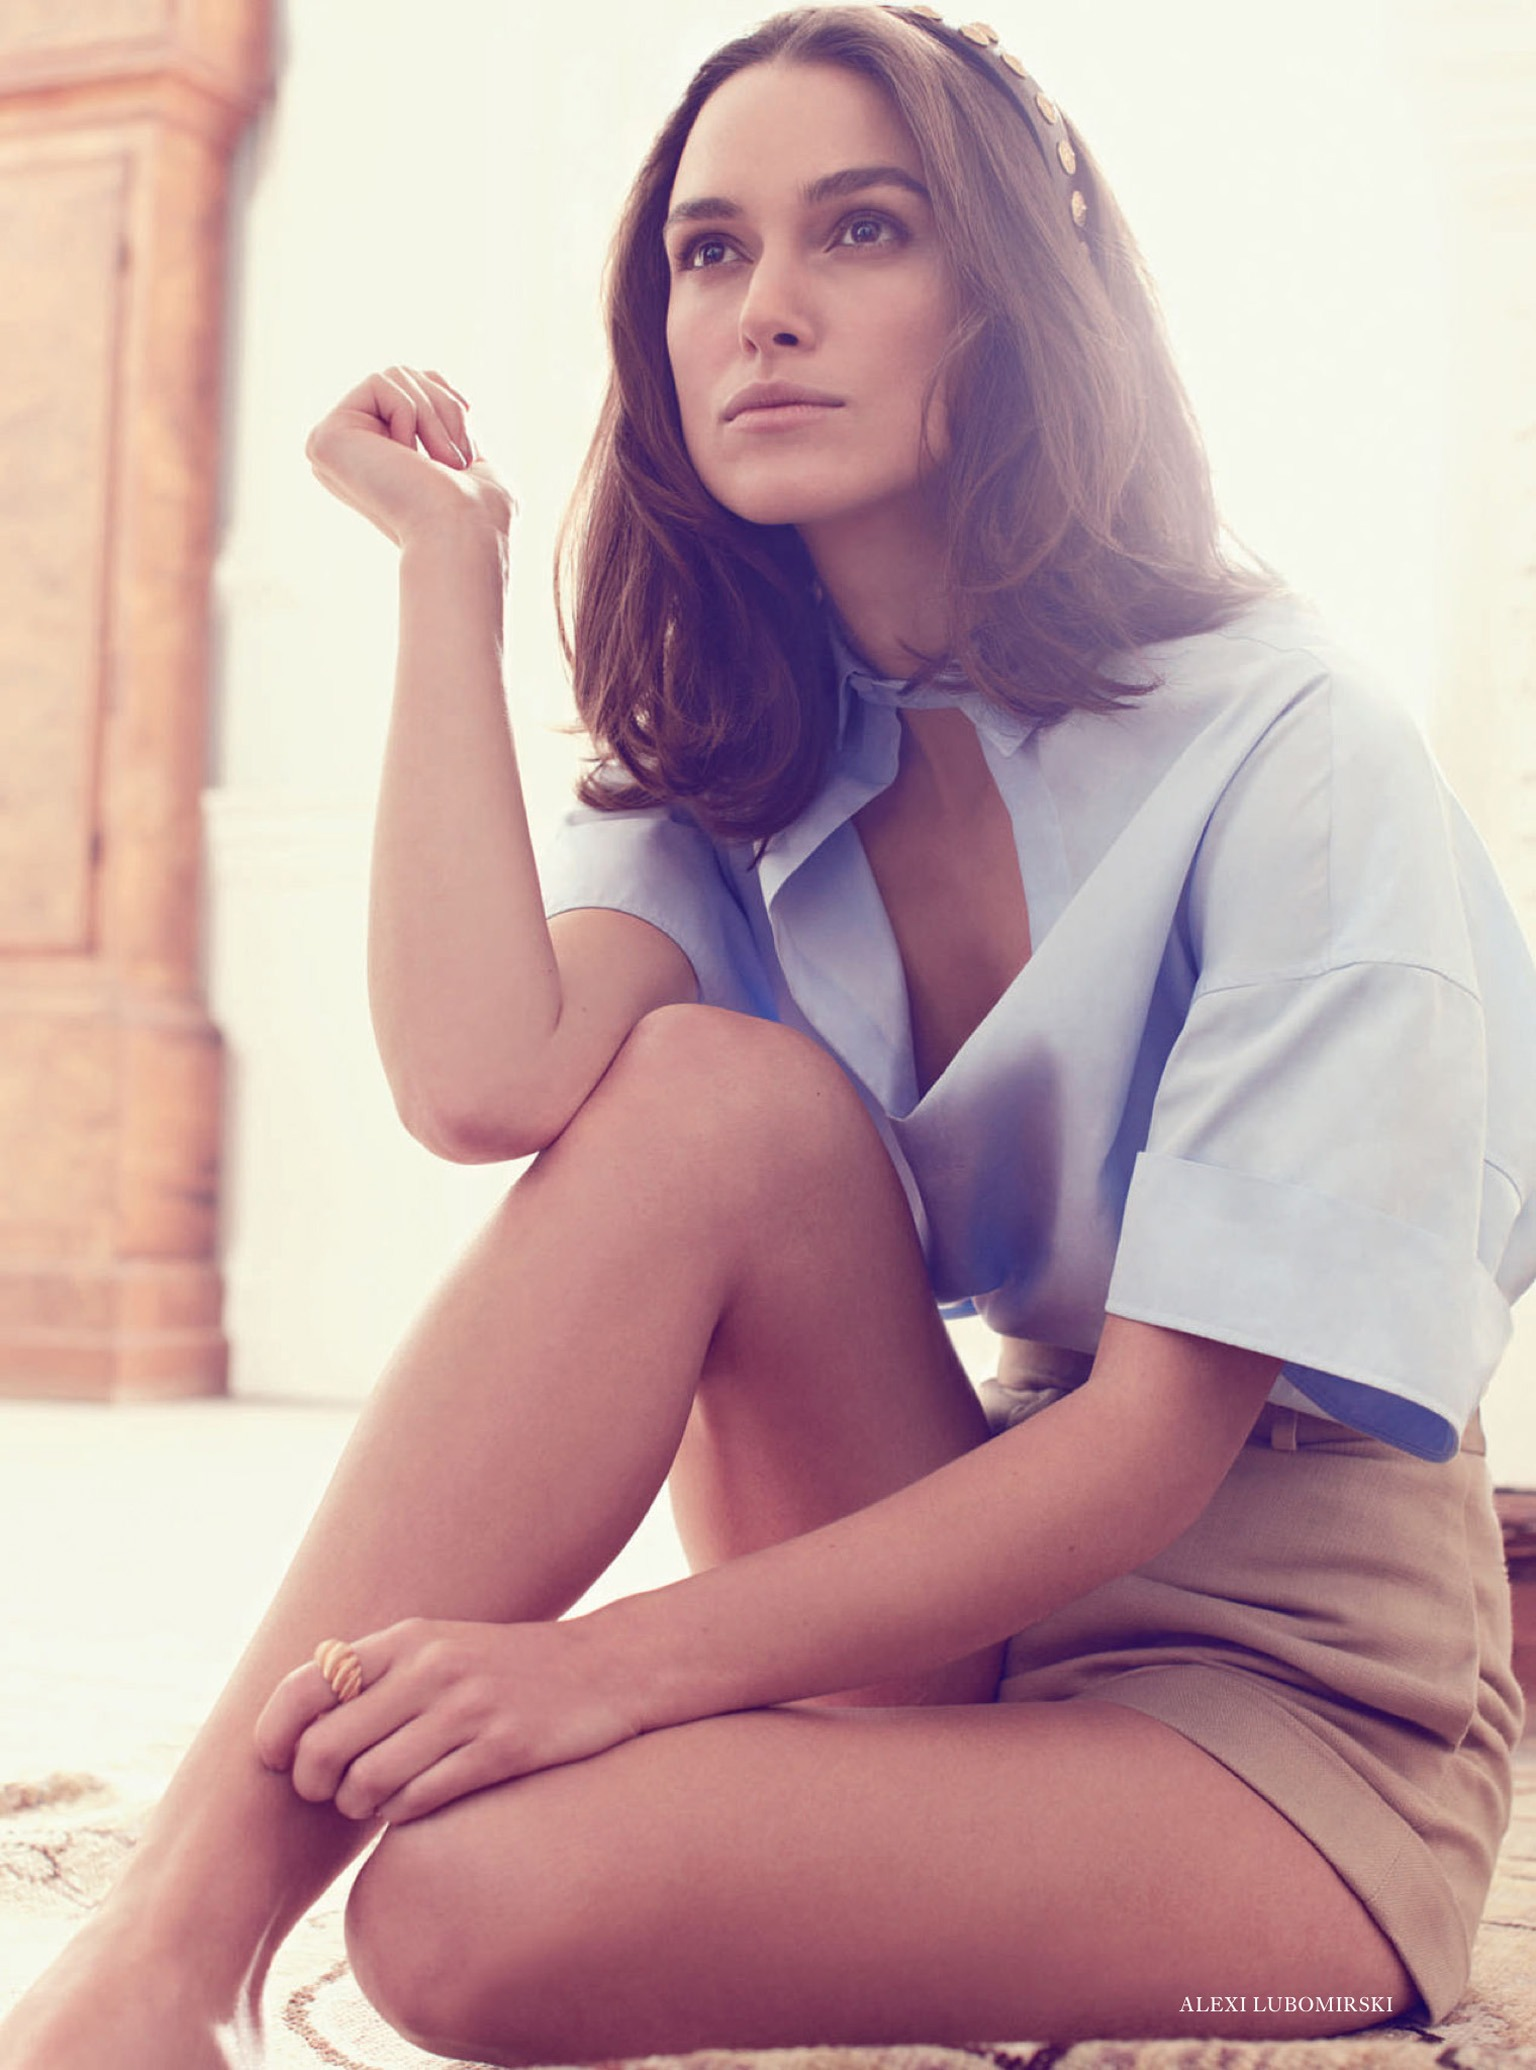 Кира Найтли (Keira Knightley) - Harper's Bazaar (Великобритания) Февраль 2014